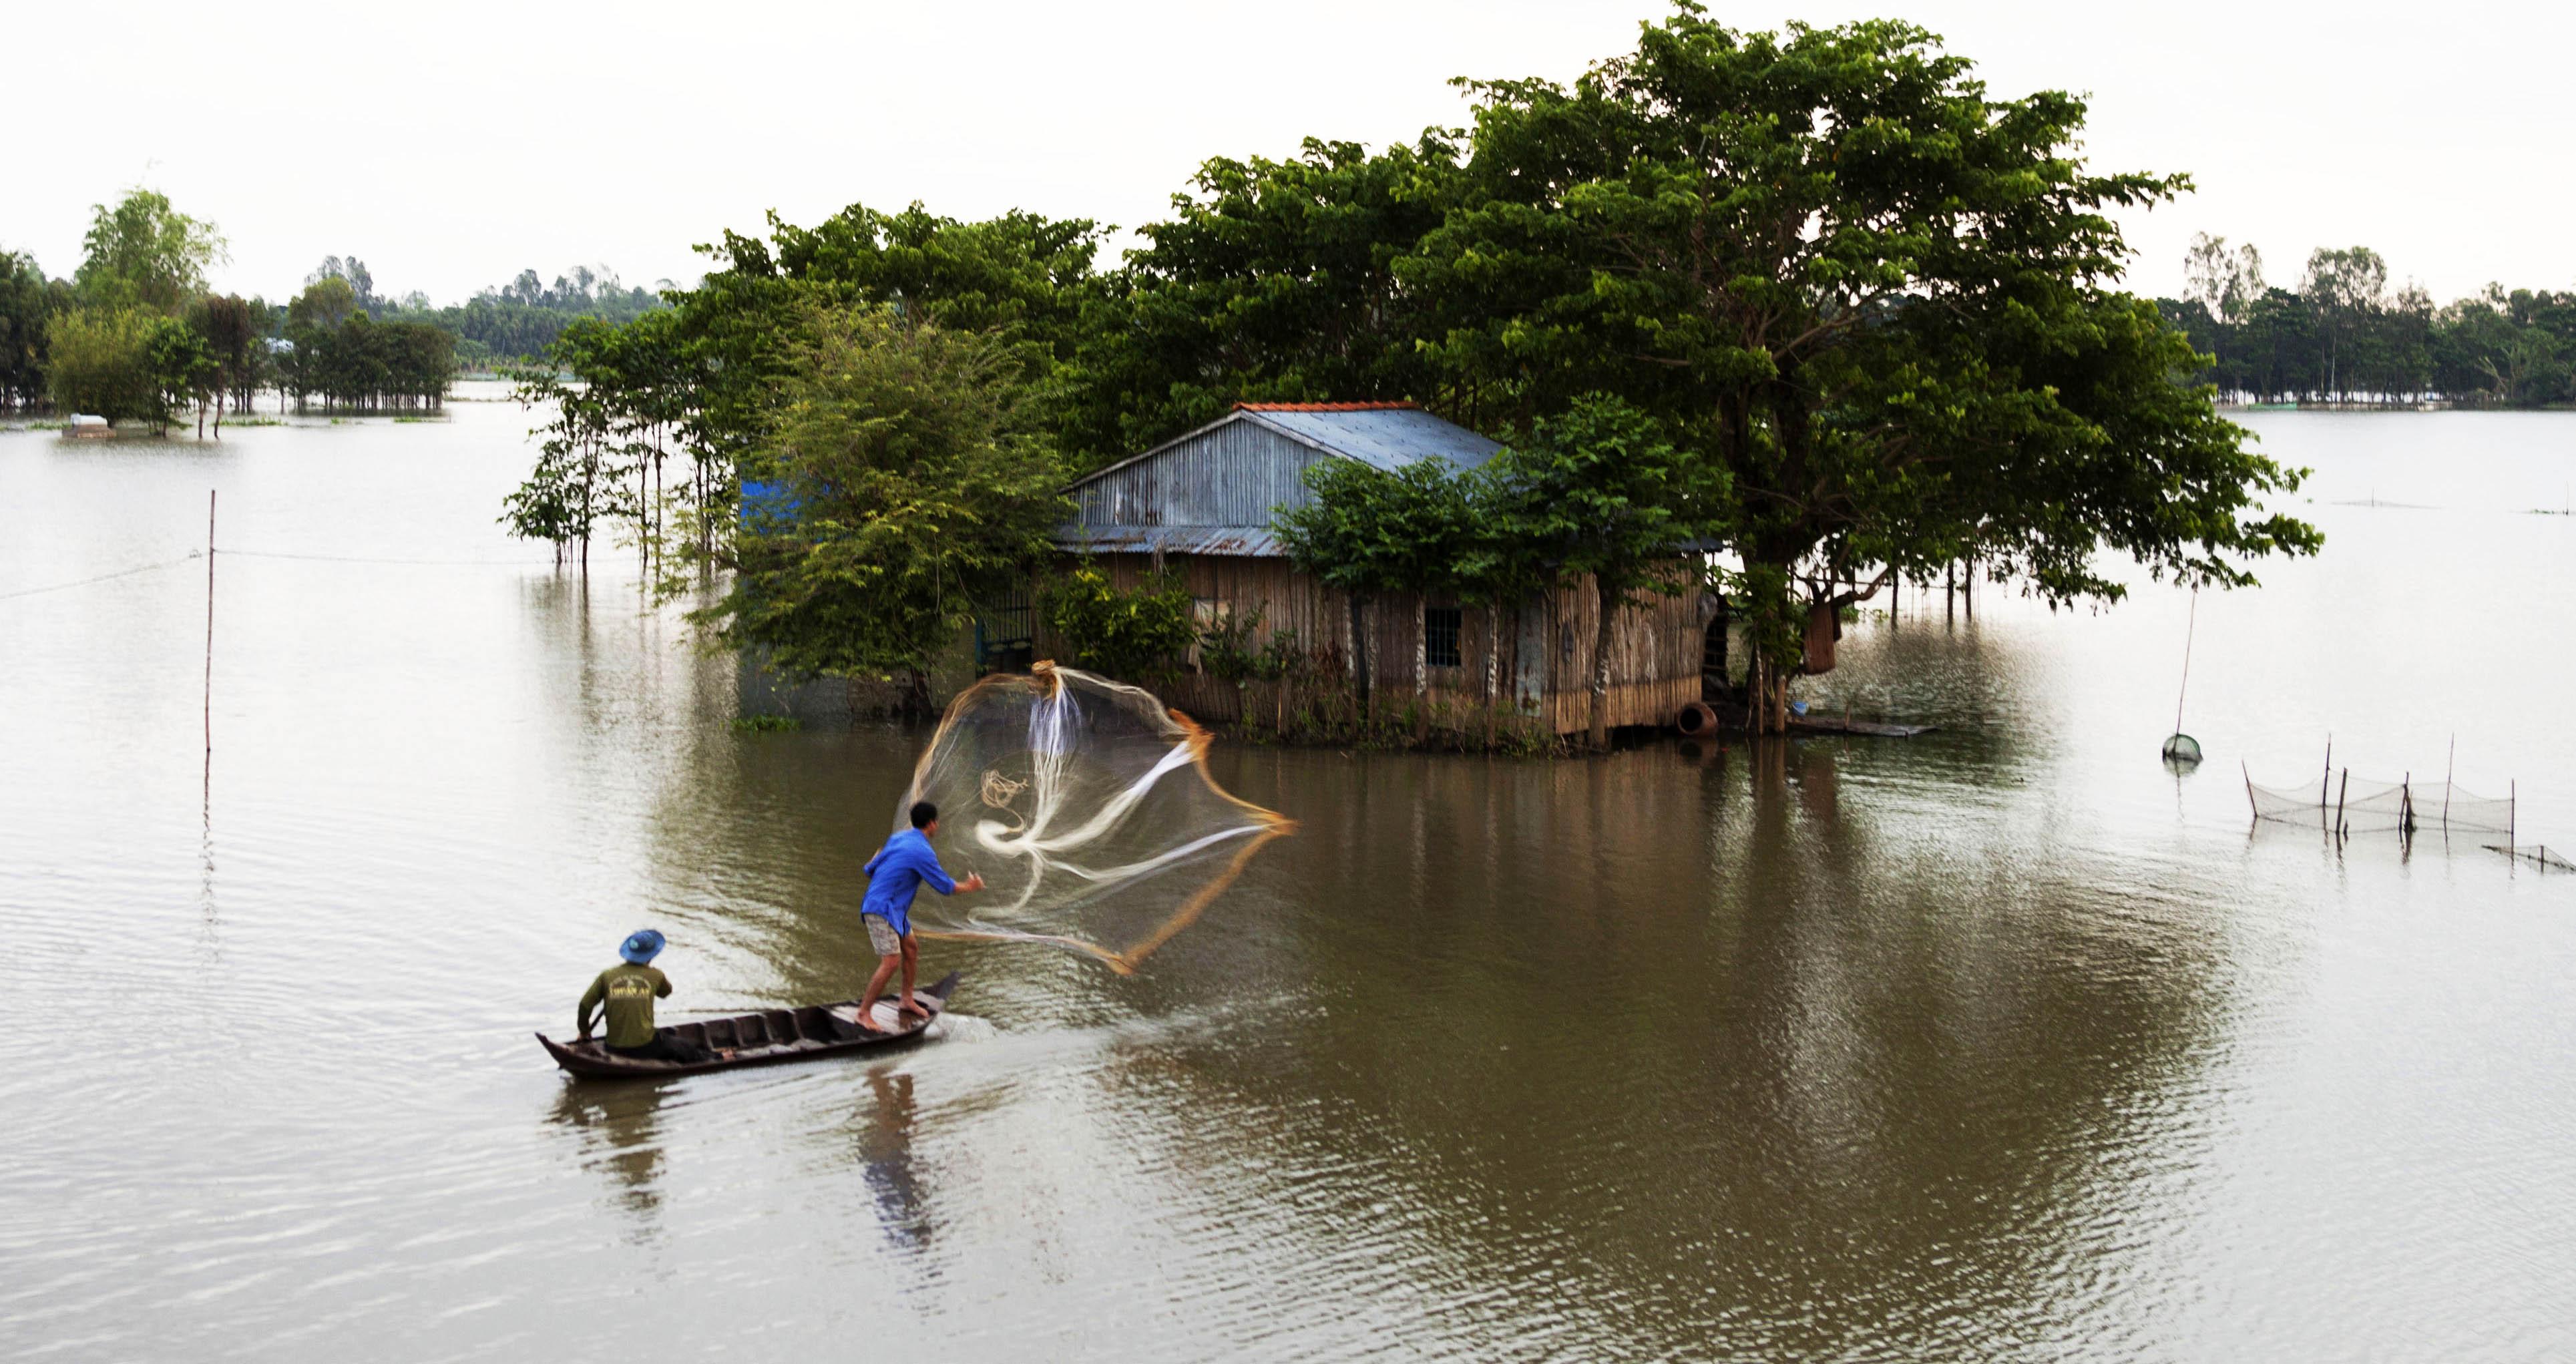 Về Đồng Tháp kháp phá vẻ đẹp mùa nước nổi